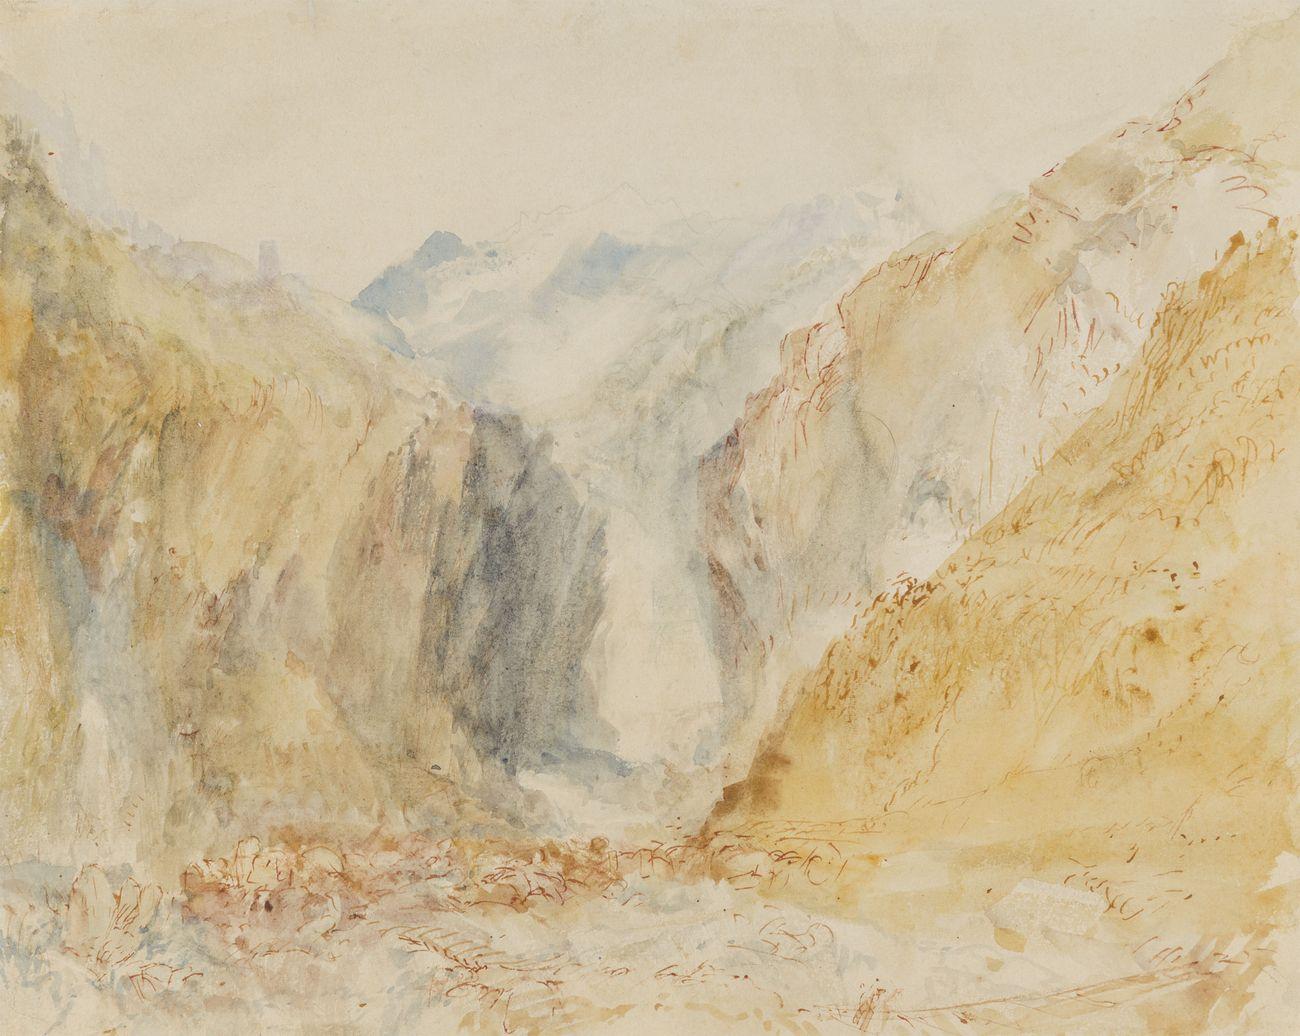 Joseph Mallord William Turner, Veduta della gola di Faido, 1842 ca., olio su tela, MASI Lugano, Collezione Cantone Ticino